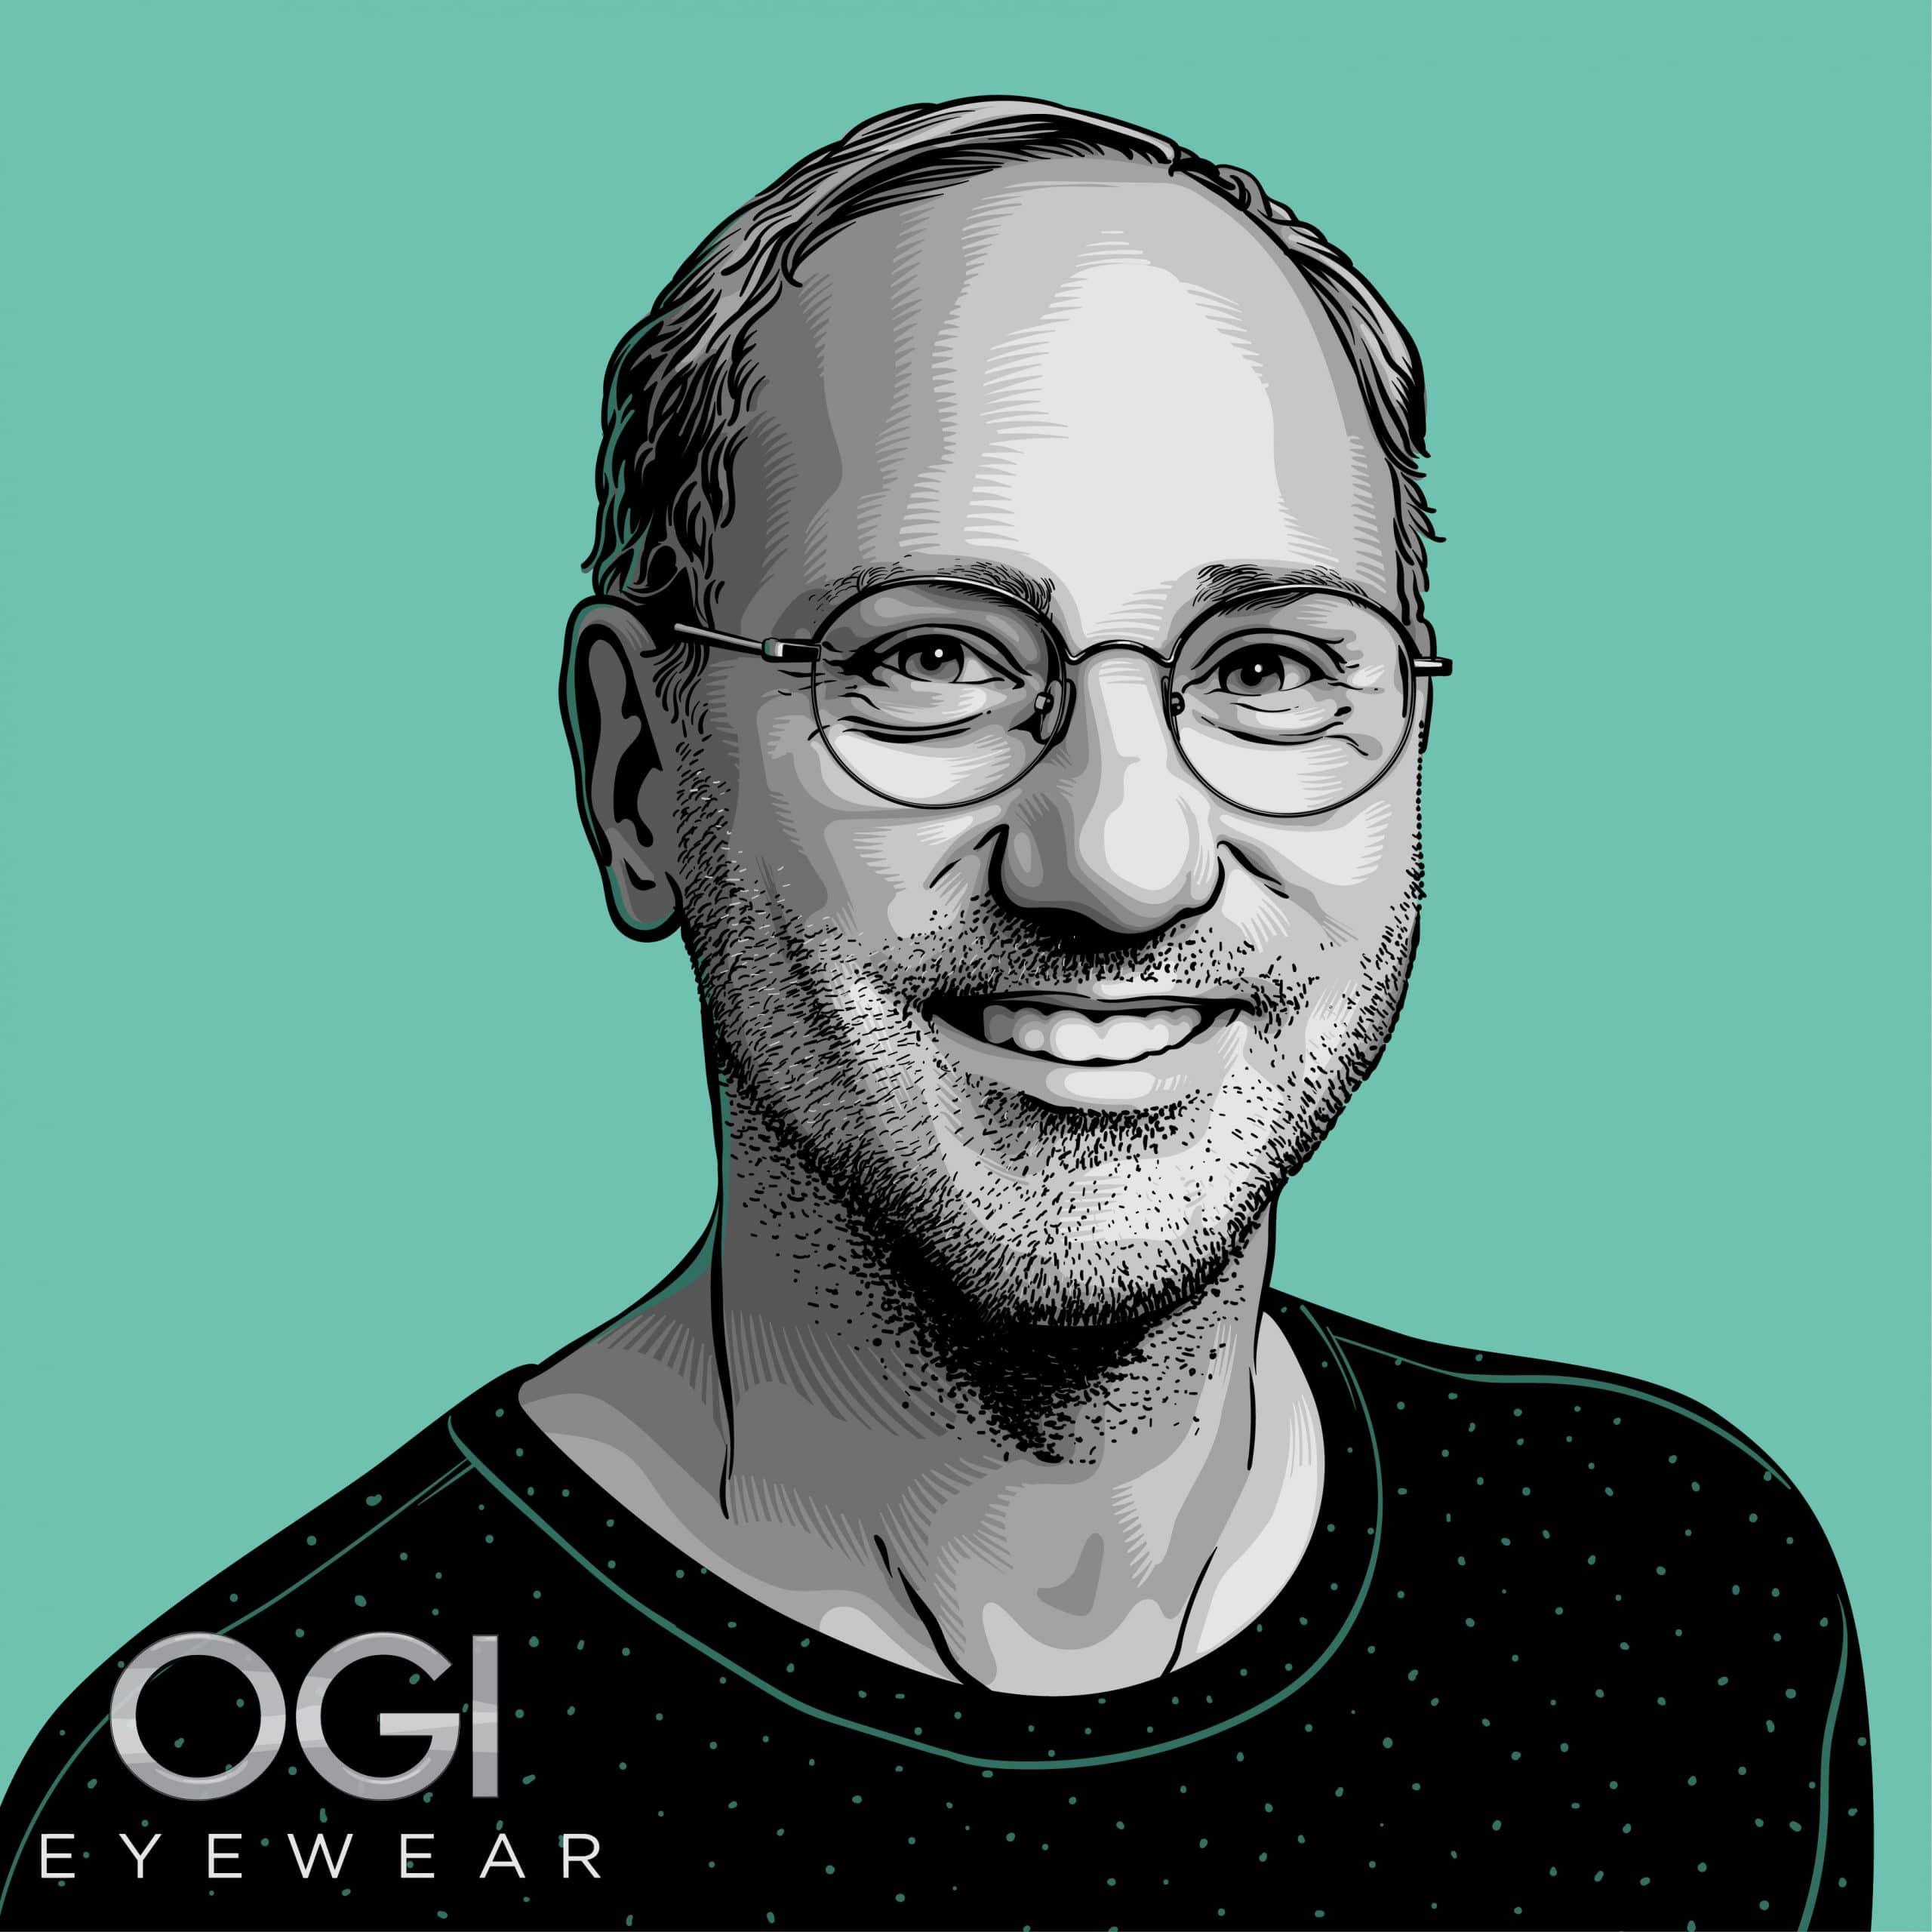 Rob Rich - OGI Eyewear